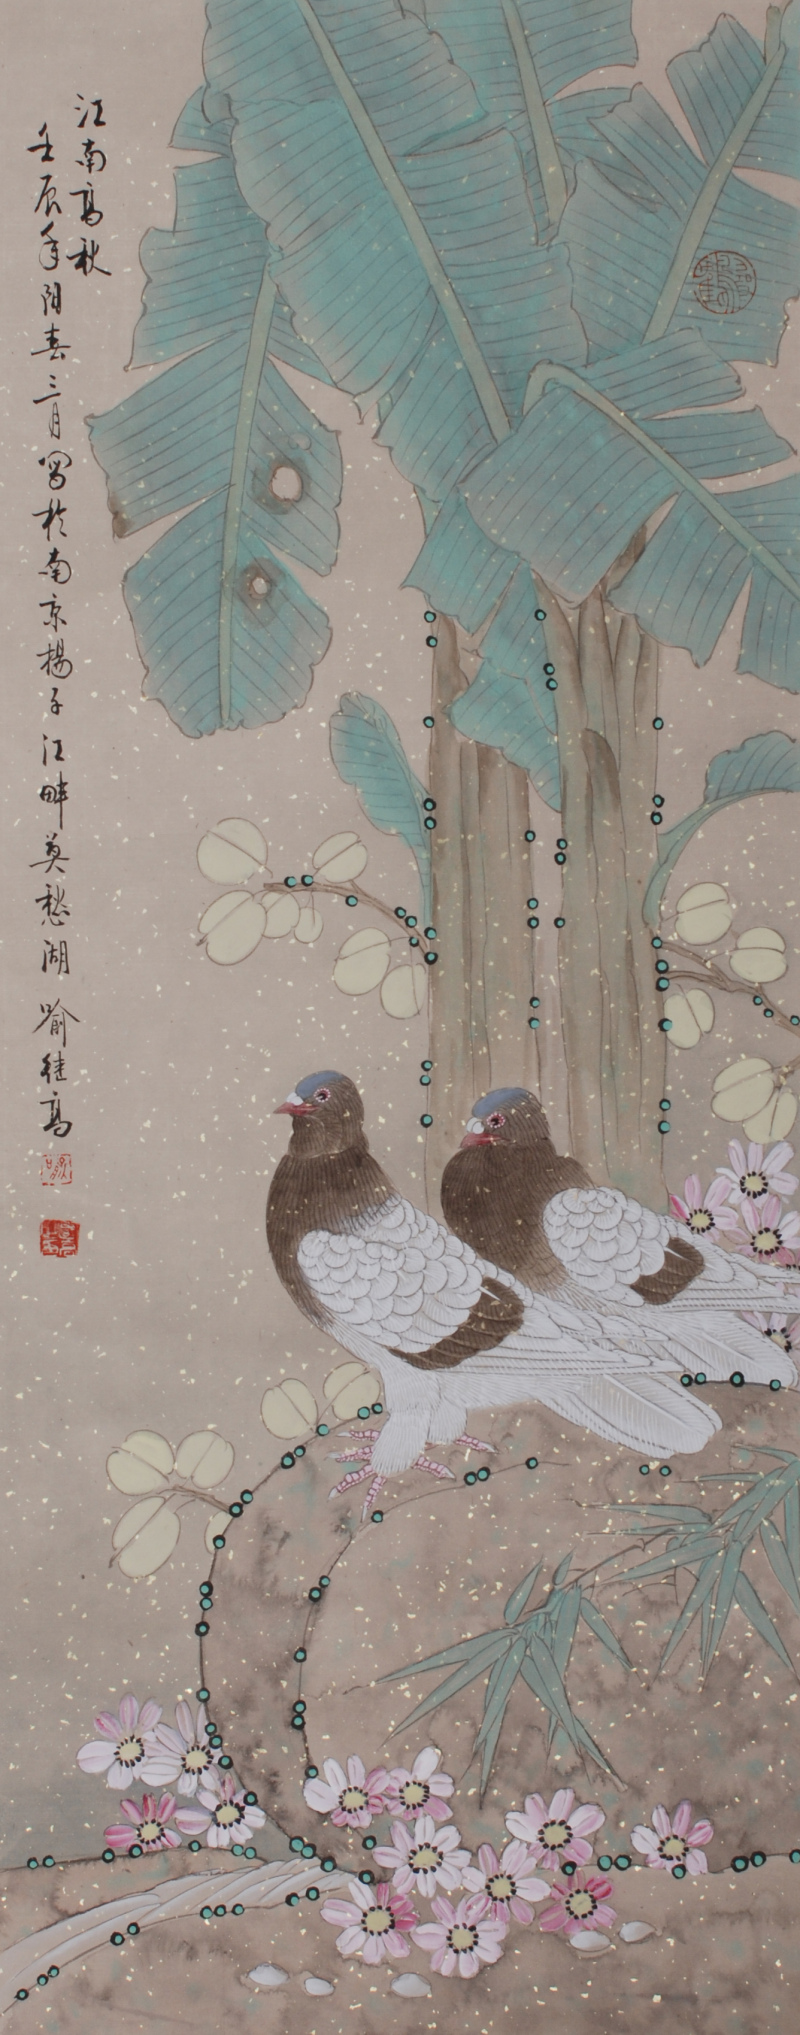 可人轩画廊>国画:工笔花鸟